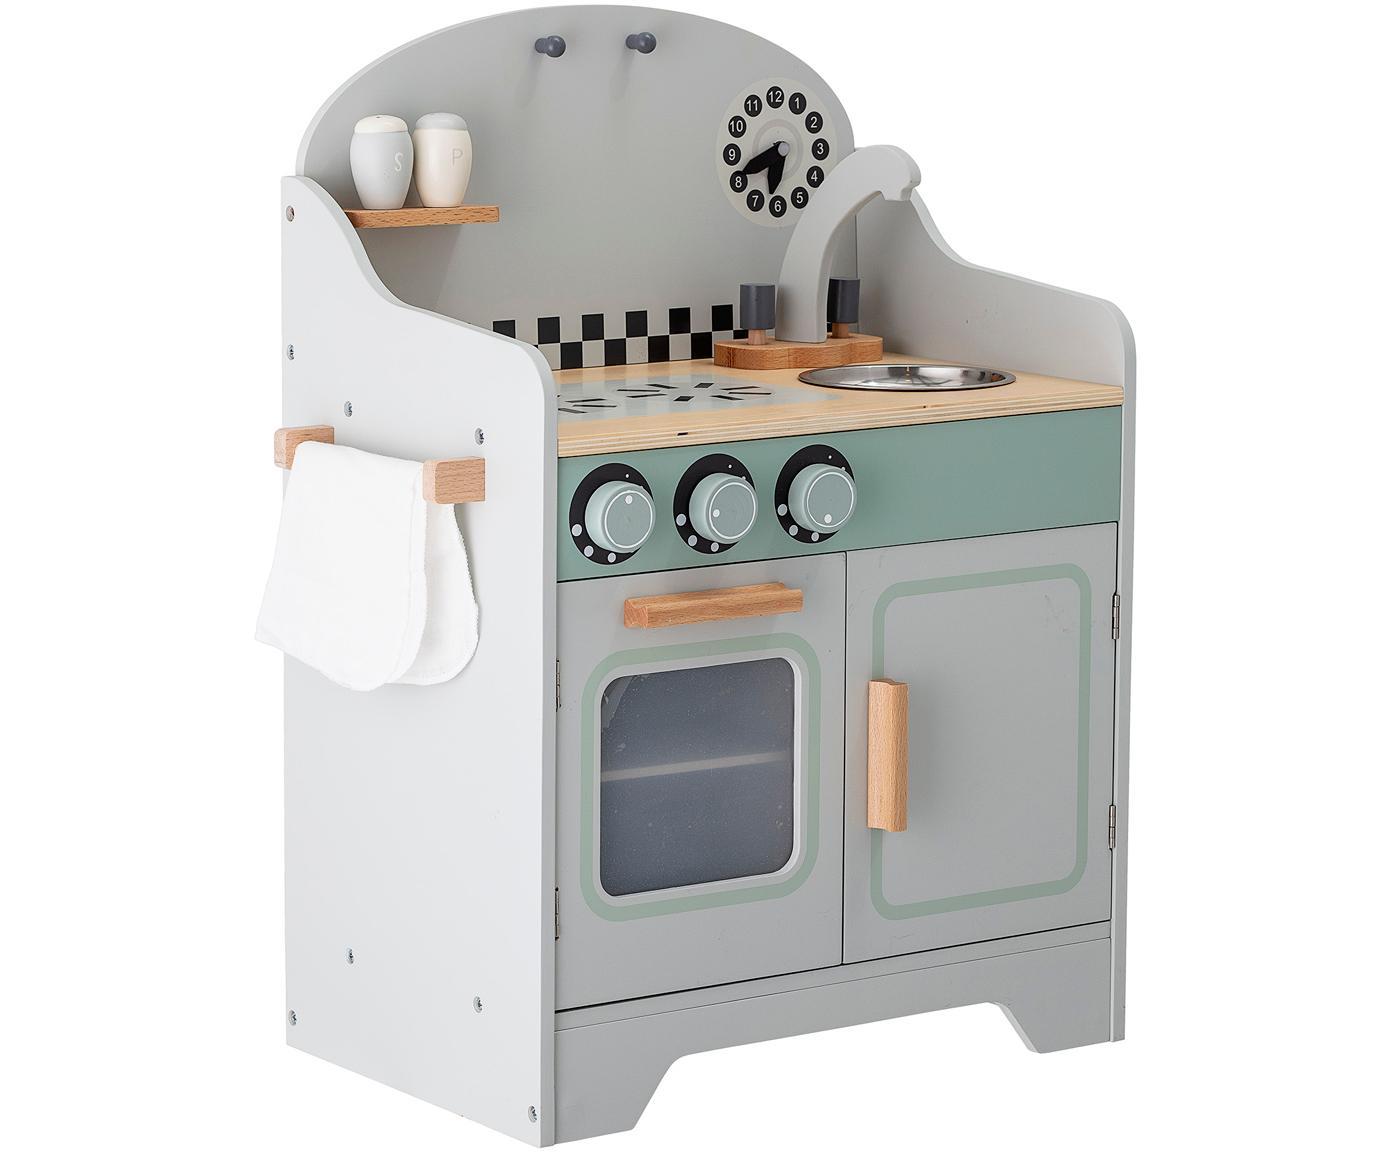 Cucina giocattolo Minicook, Pannello di fibra a media densità, legno di loto, Grigio, Larg. 43 x Alt. 58 cm